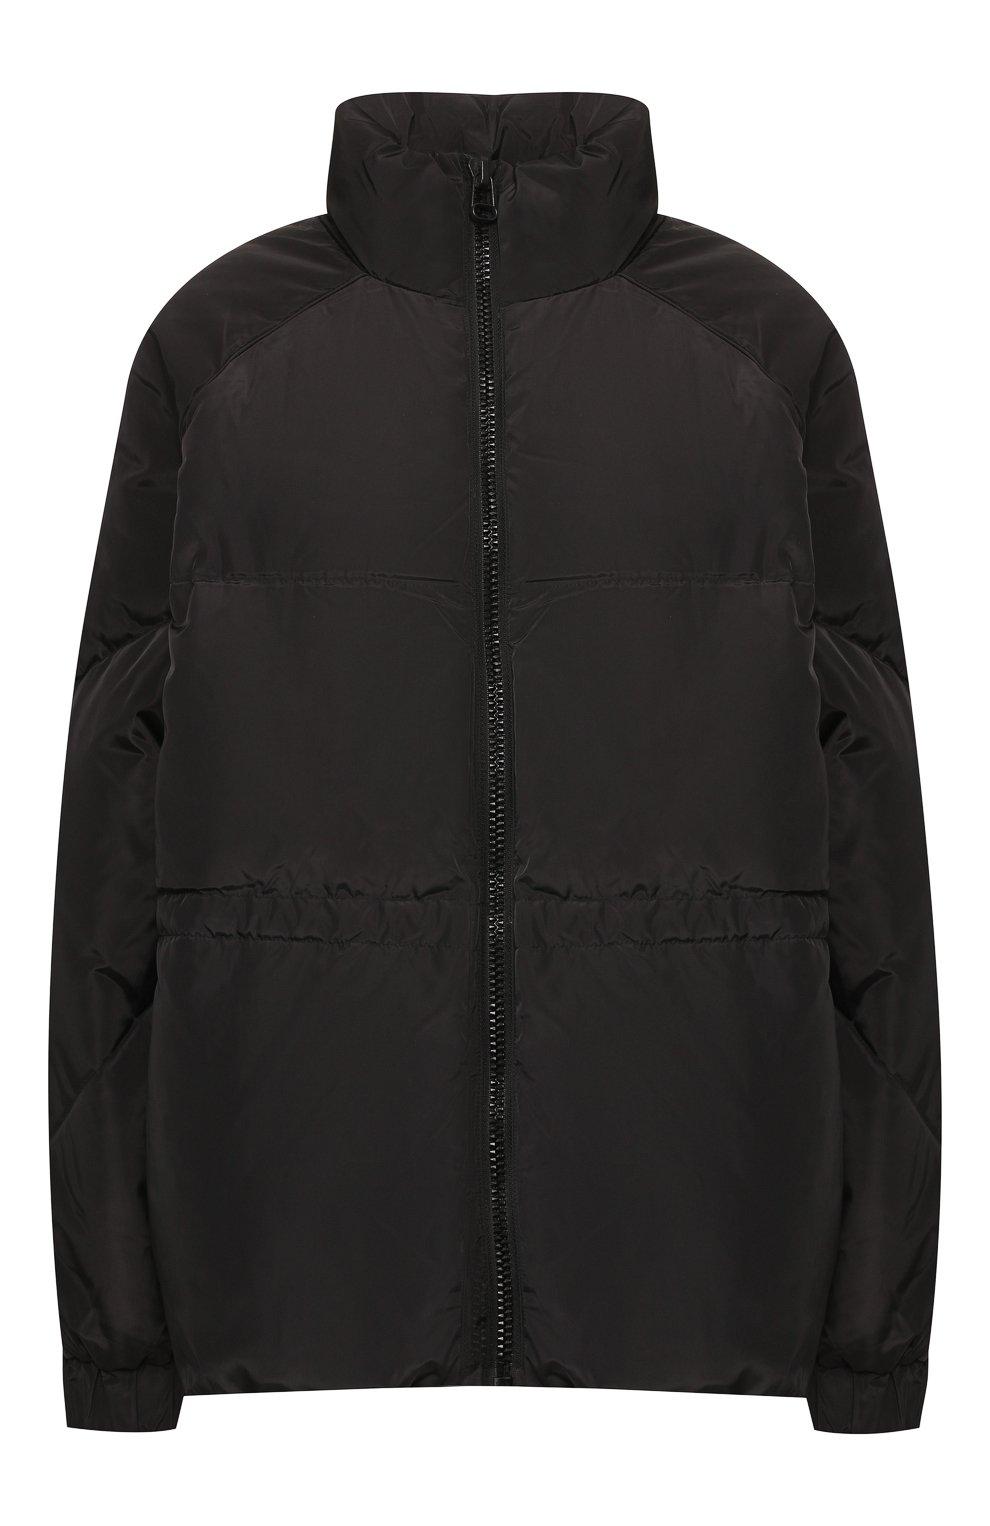 Өдөн курткаг загварчлах 3 арга (фото 19)